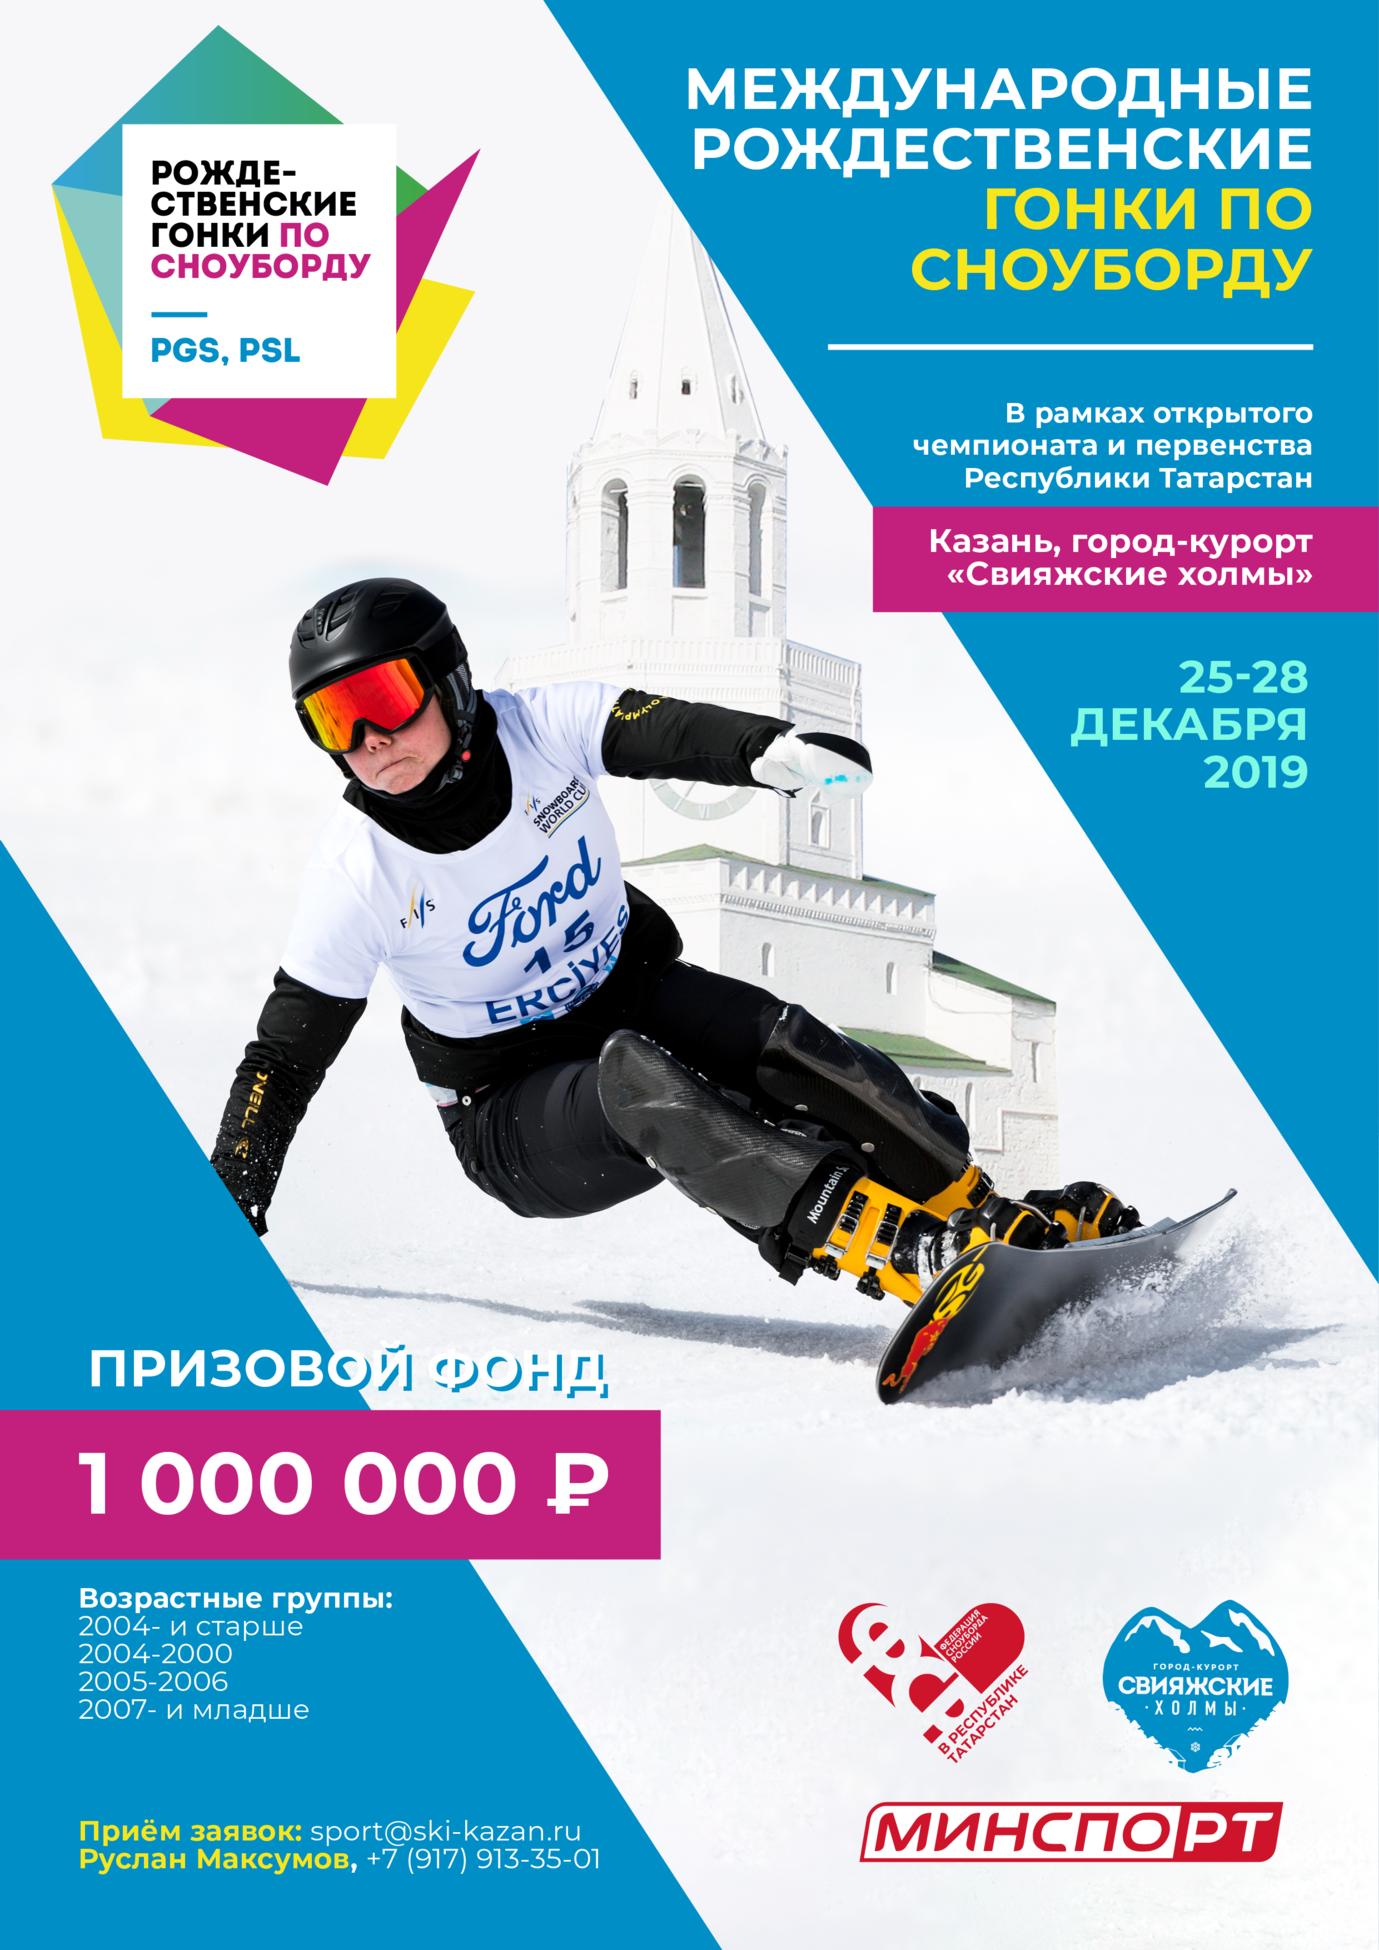 Международные рождественские гонки по сноуборду